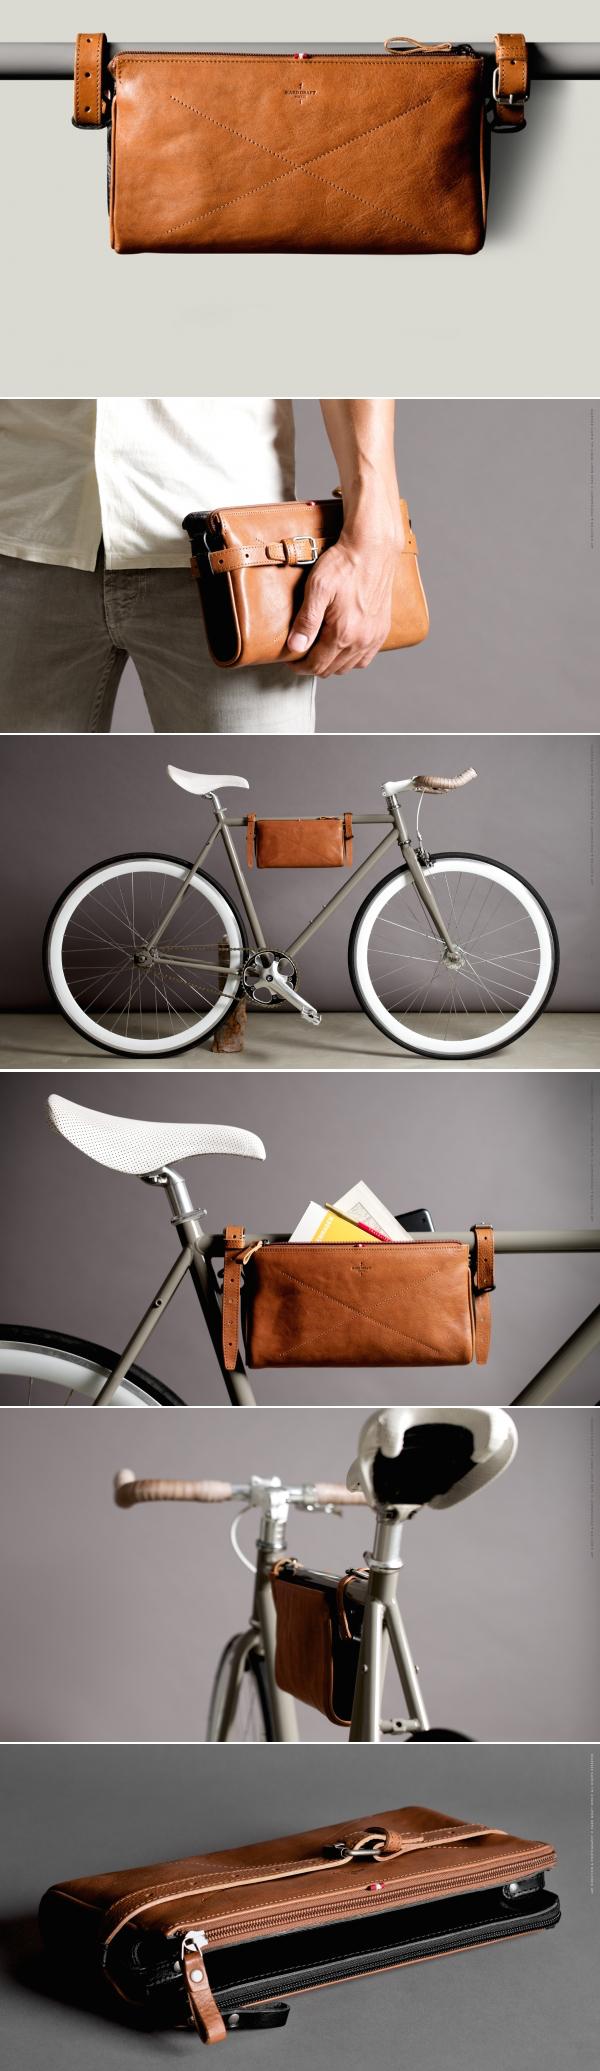 Fahrradrahmen Tasche | DIY | Pinterest | Fahrräder, Leder und ...